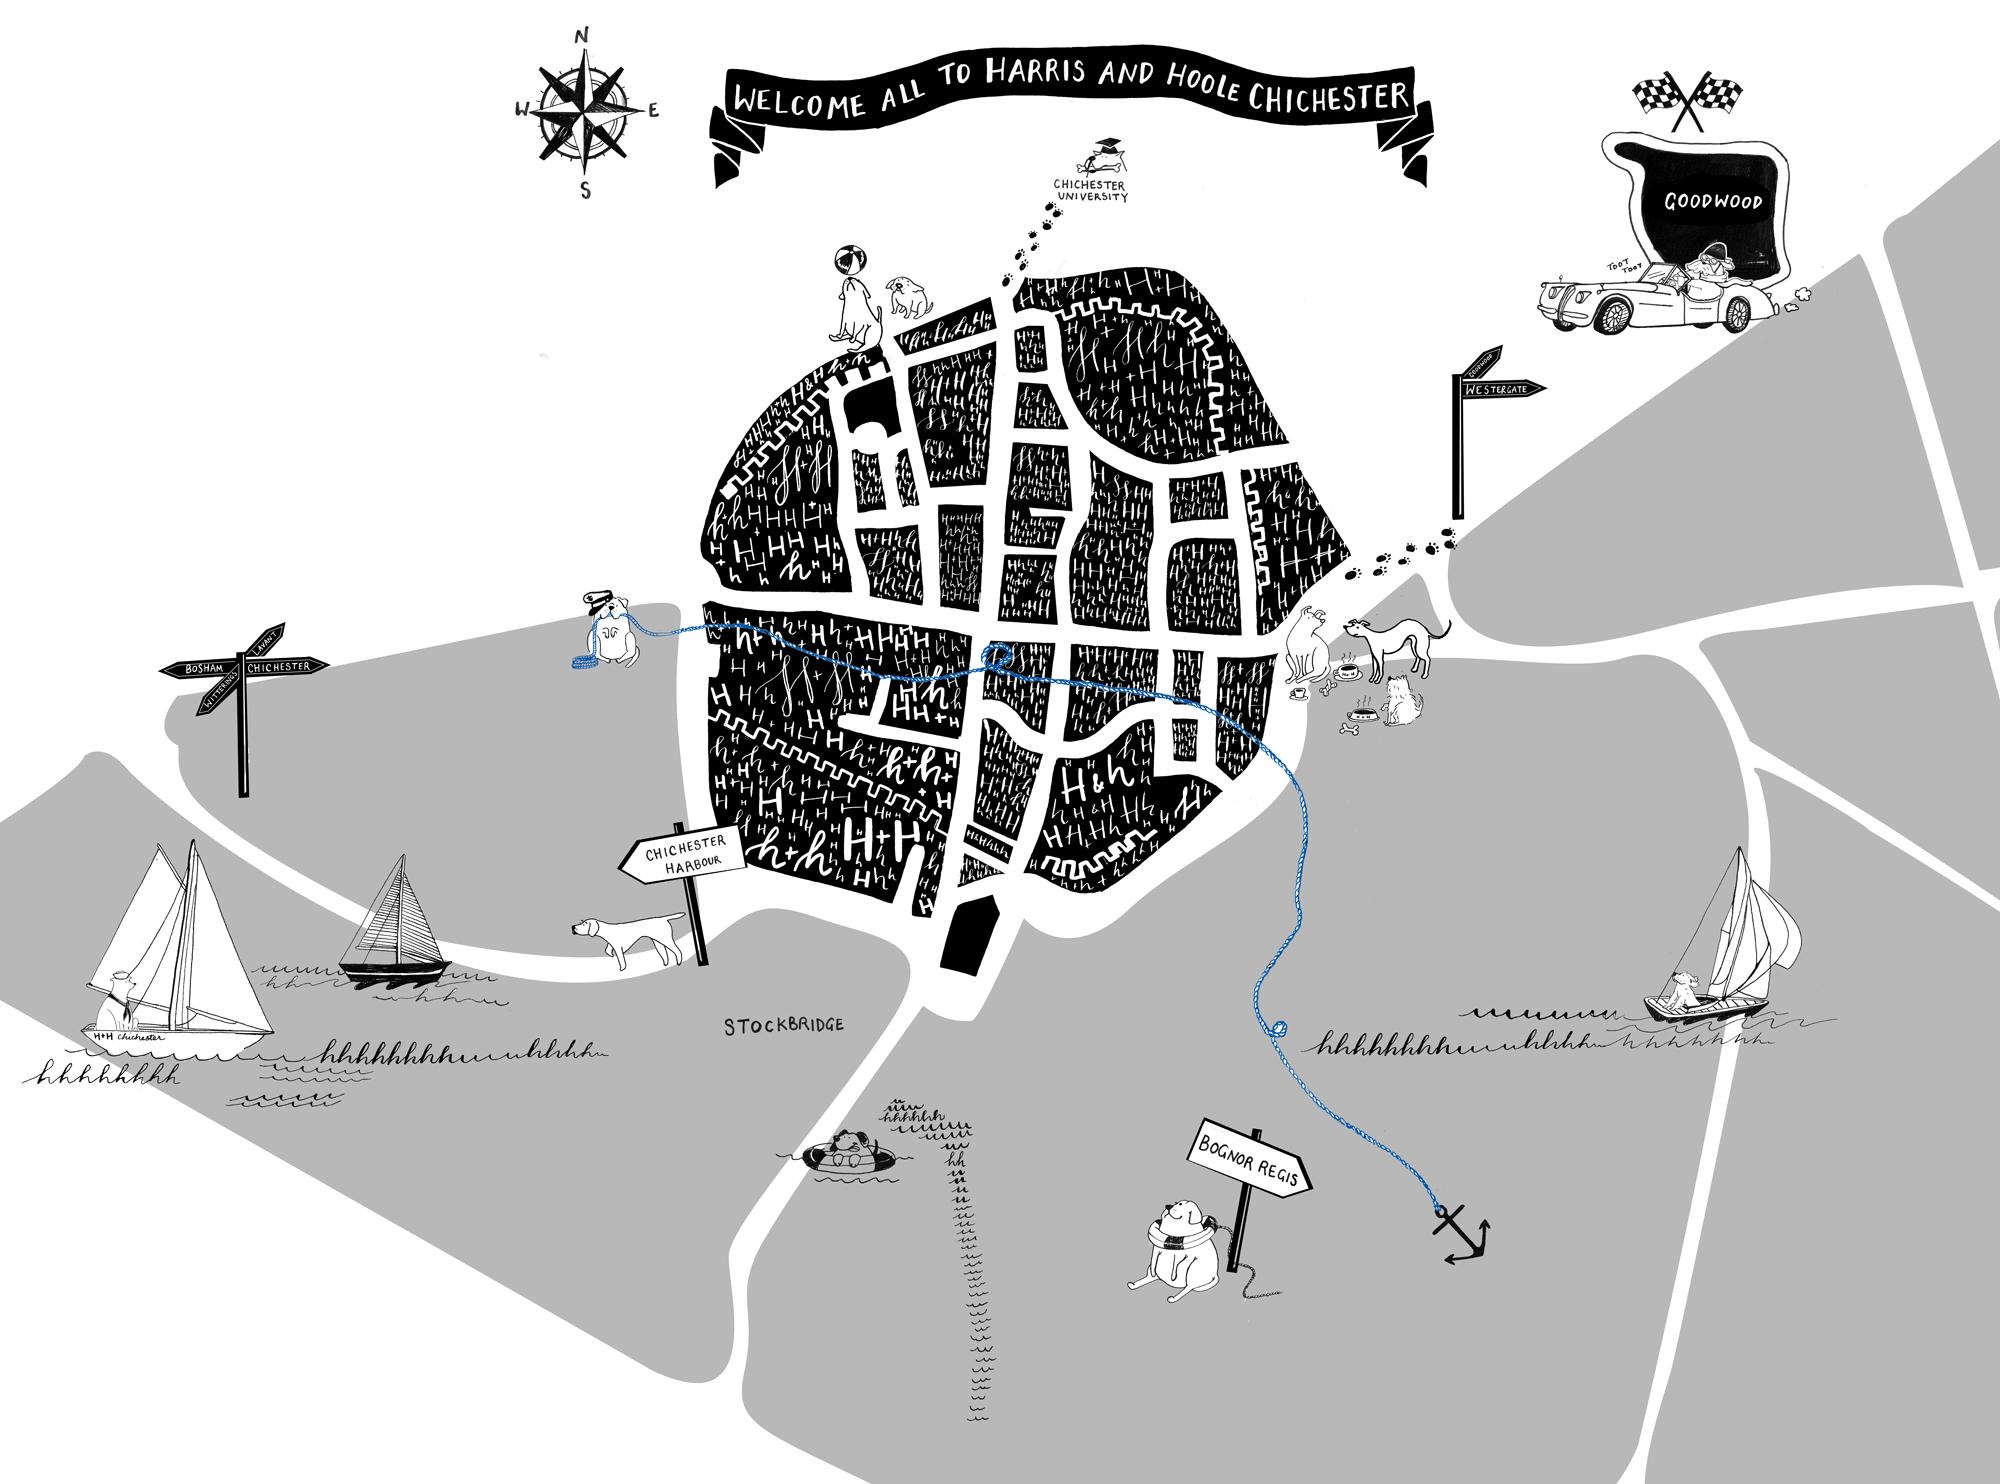 2Chichester-map.jpg